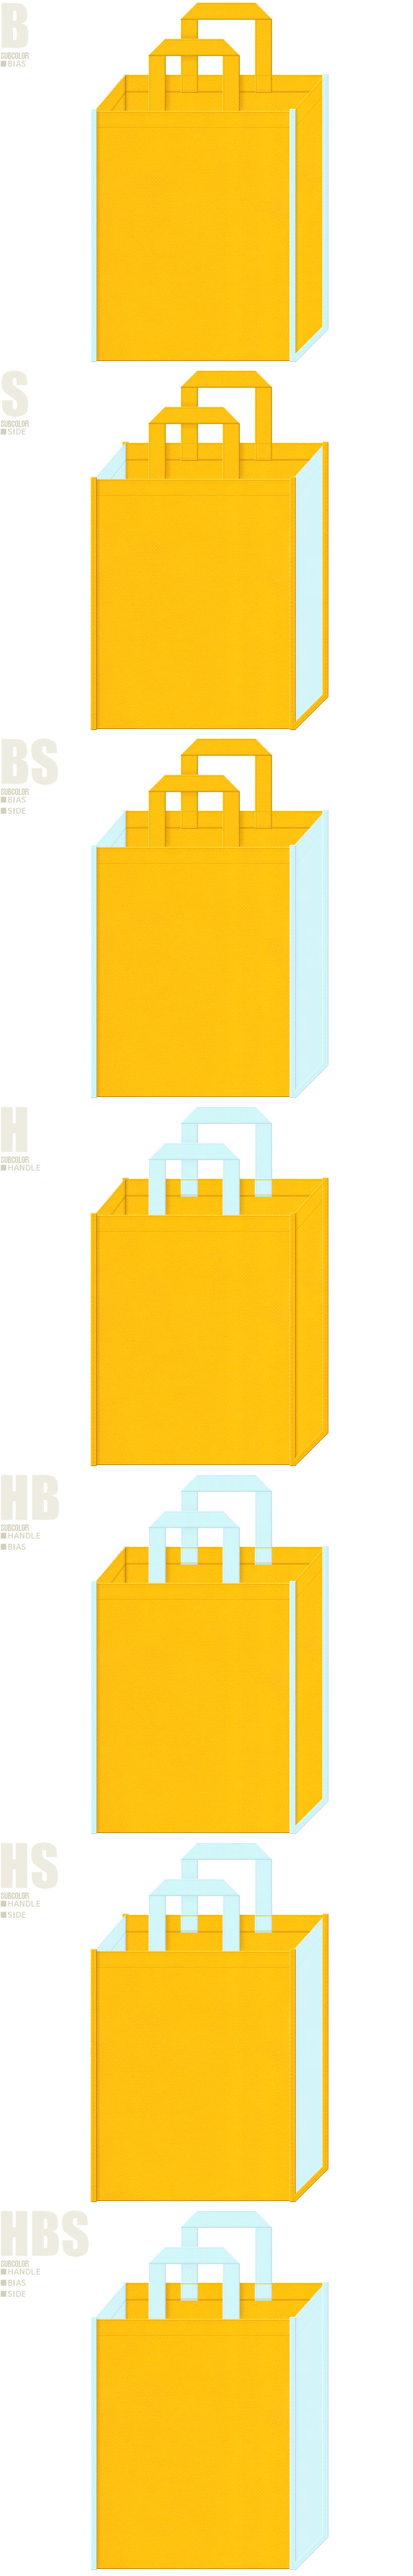 アヒル・お風呂のおもちゃにお奨めの不織布バッグデザイン:黄色と水色の配色7パターン